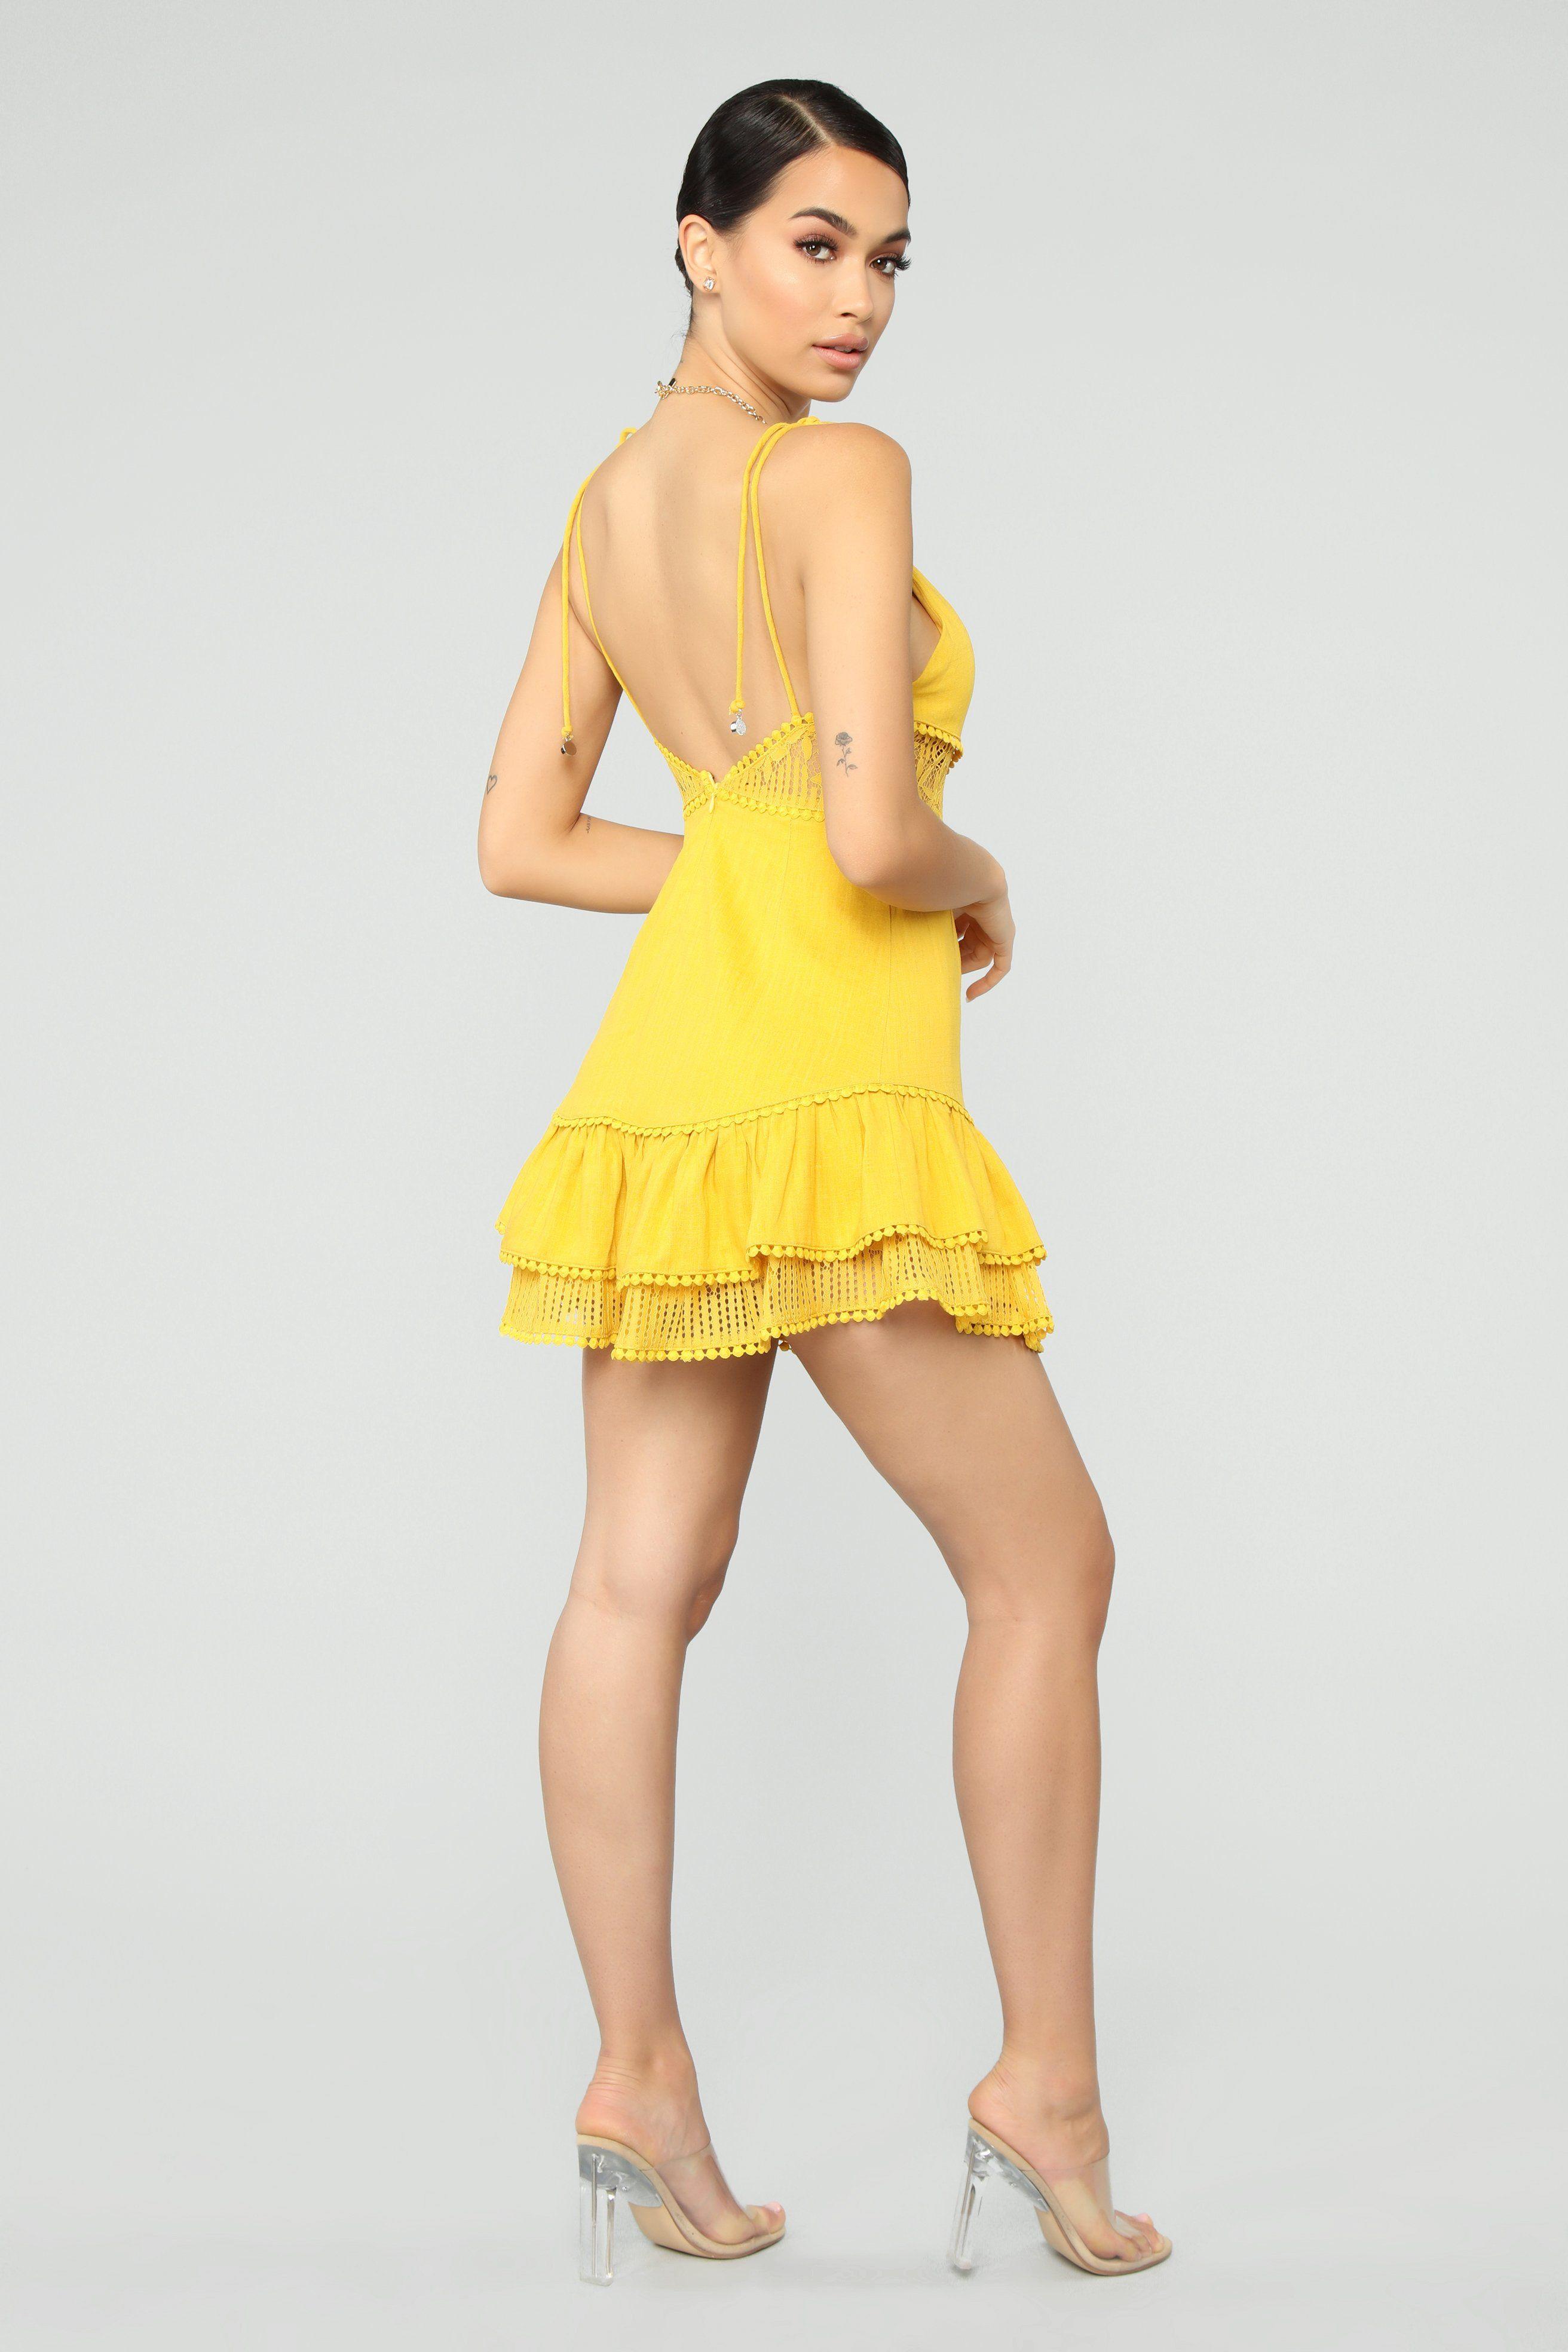 Fashionnova Time To Explore Dress Mustard Dresses Fashion Fashion Nova Models [ 3936 x 2624 Pixel ]